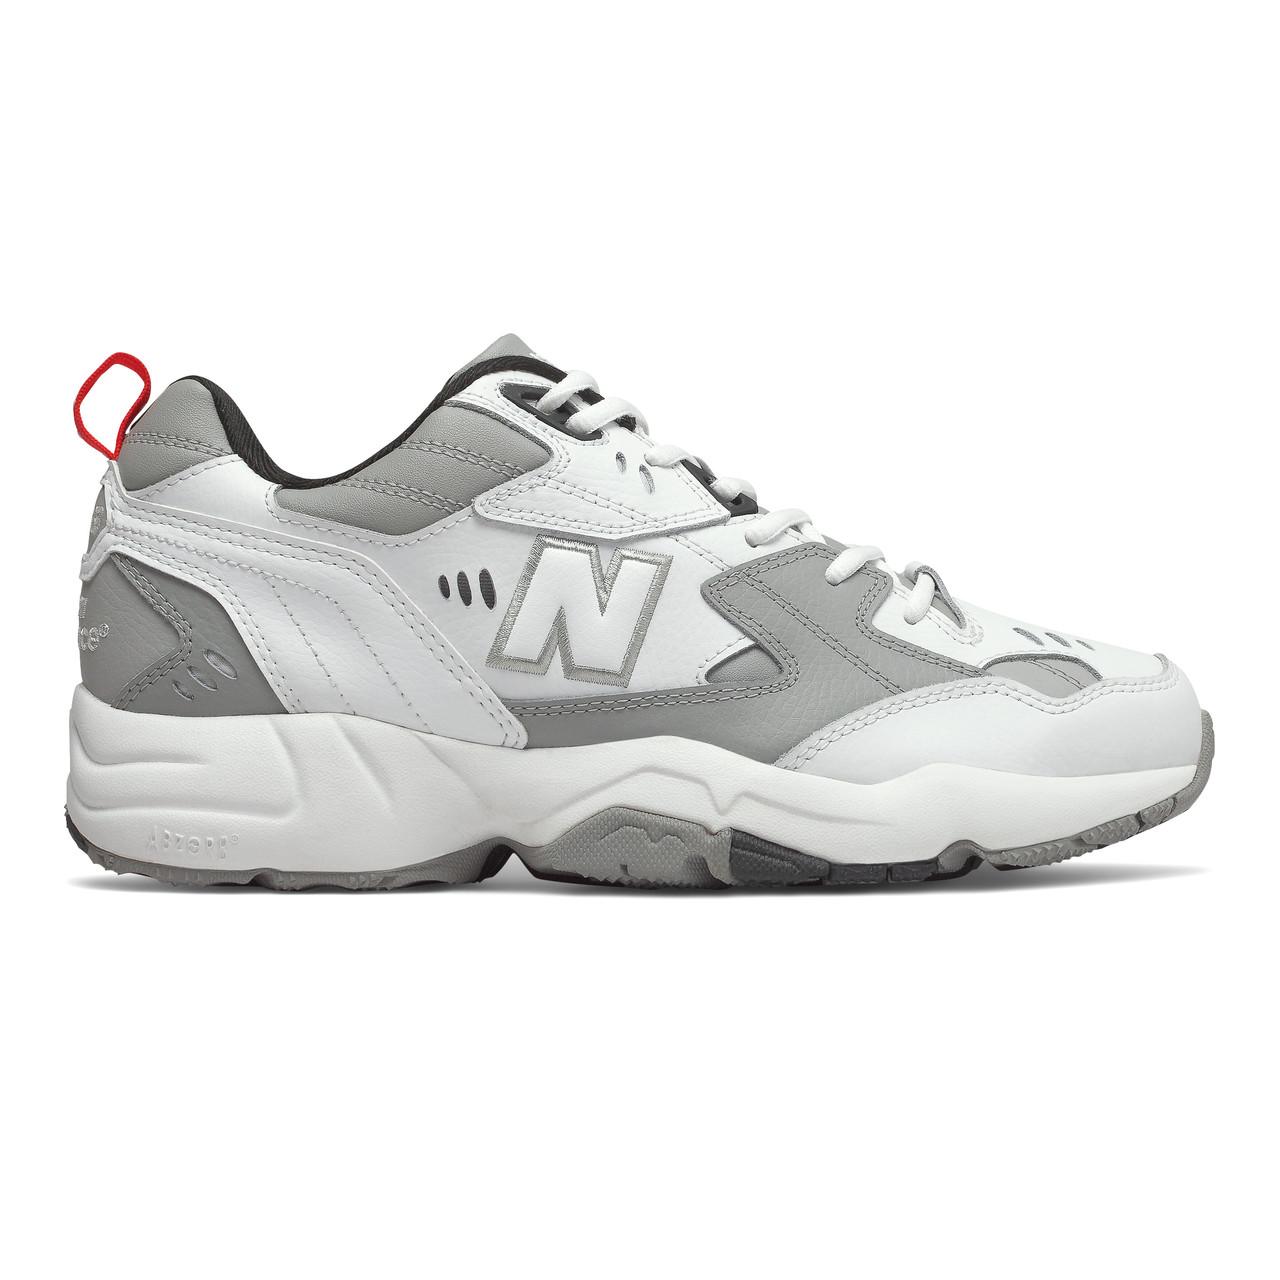 New Balance Men's 608v1 - White / Alabaster